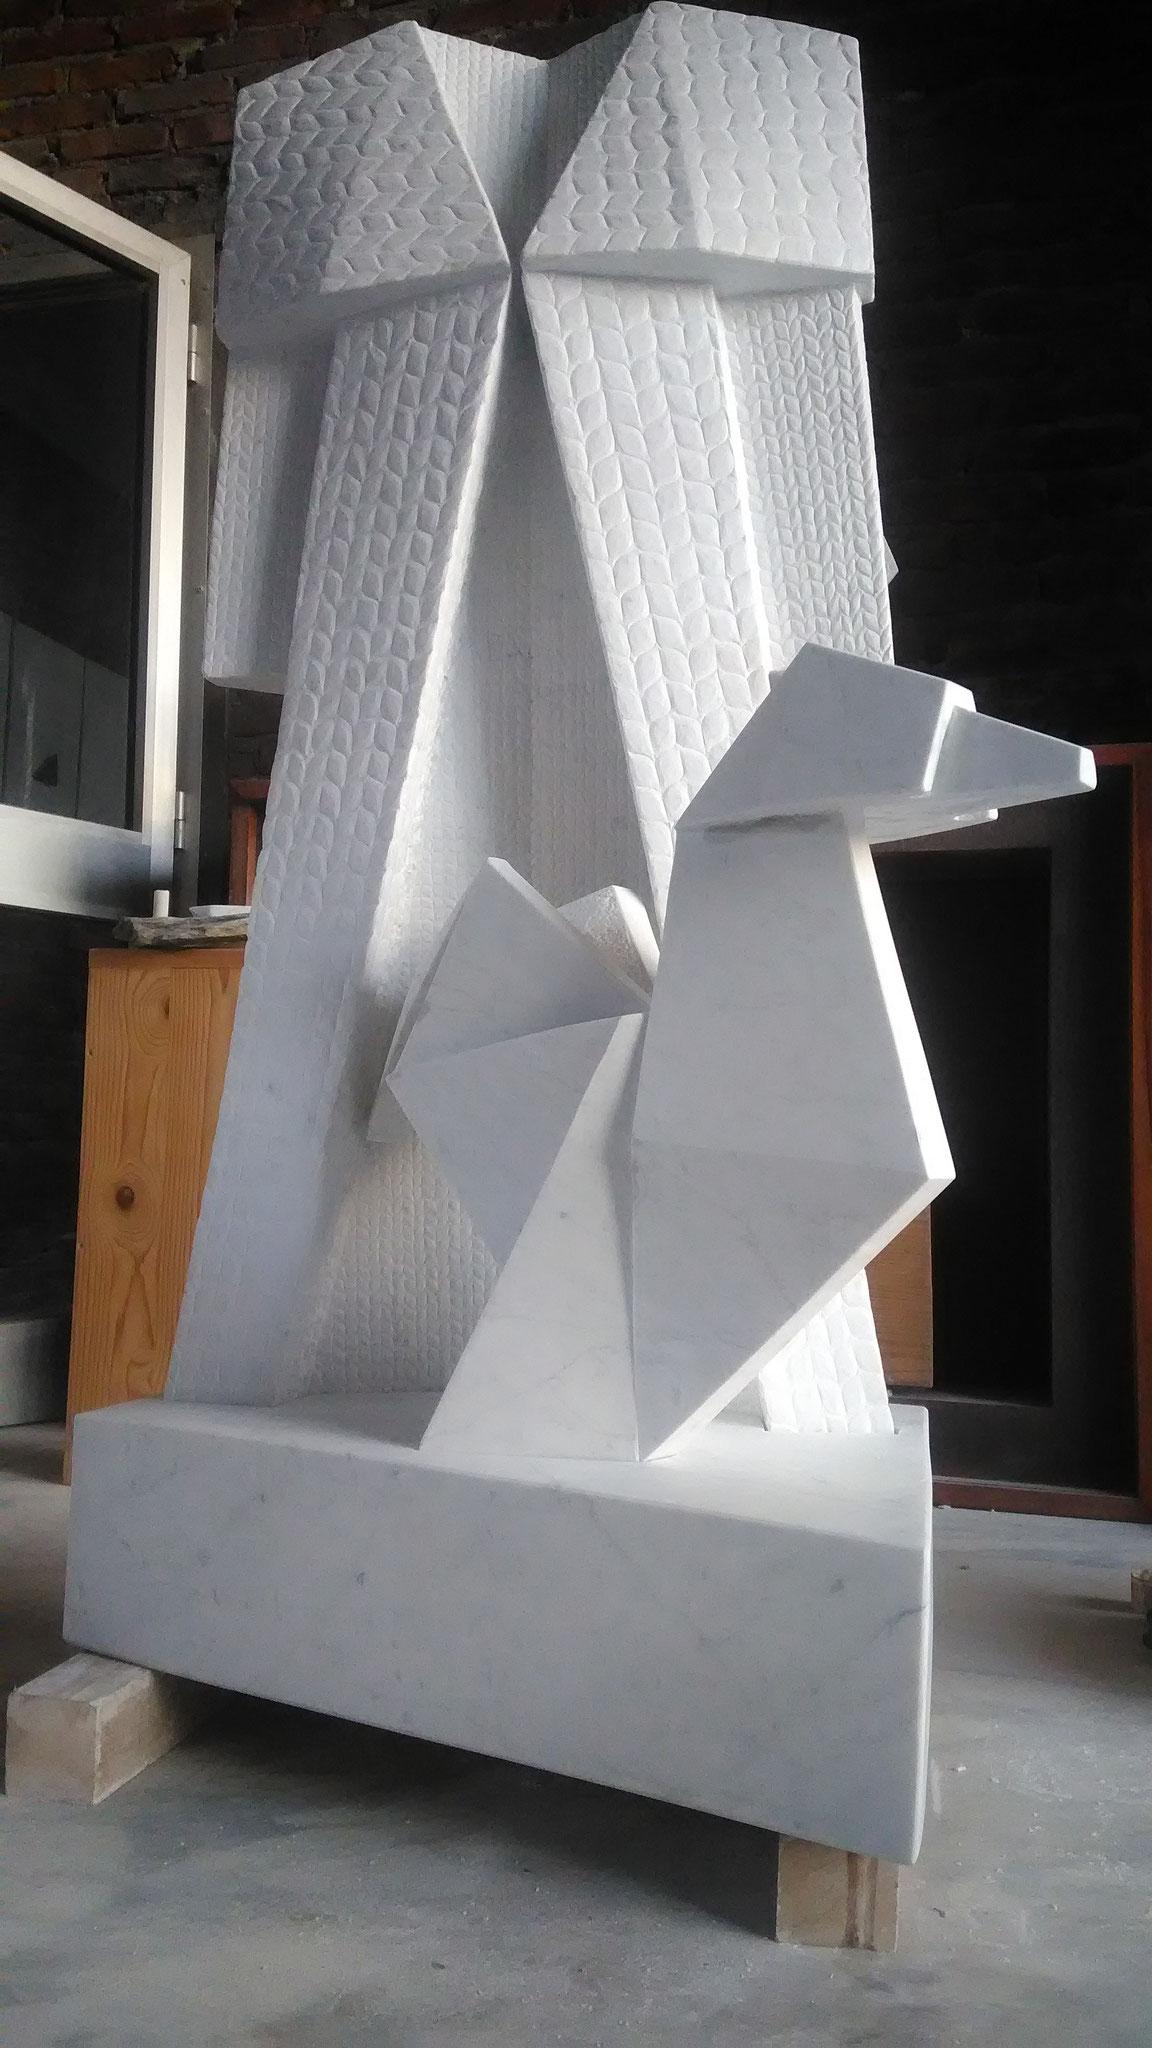 vestito con gallo, marmo bianco Carrara